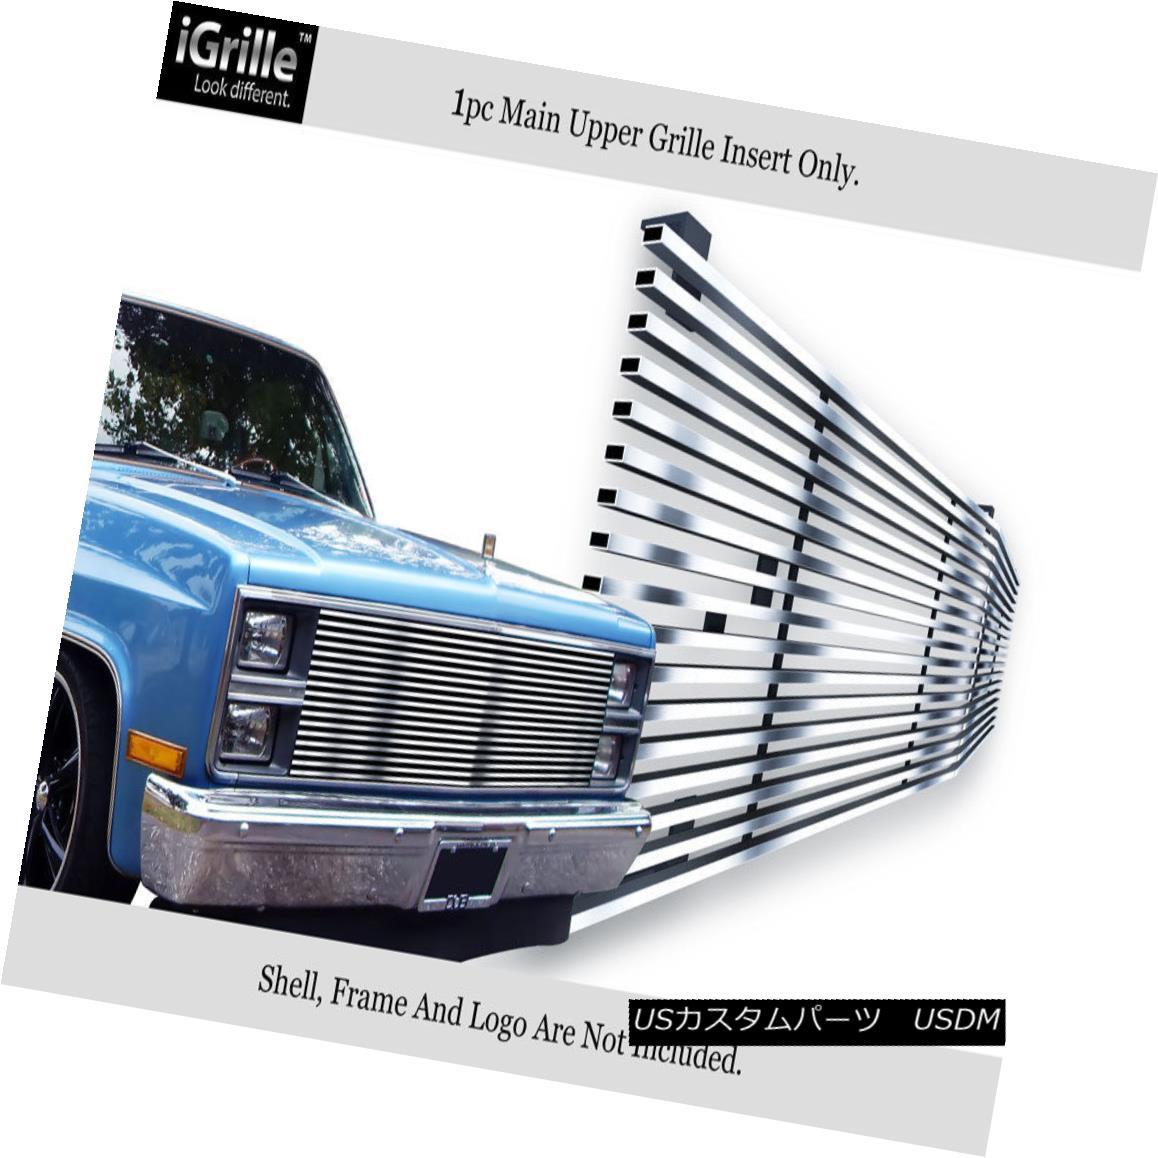 グリル 304 Stainless Steel Billet Grille Fits 1981-87 Chevy C/K Pickup/Suburban/Blazer 304ステンレススチールビレットグリルフィット1981-87 Chevy C / Kピックアップ/サブバー n / Blazer